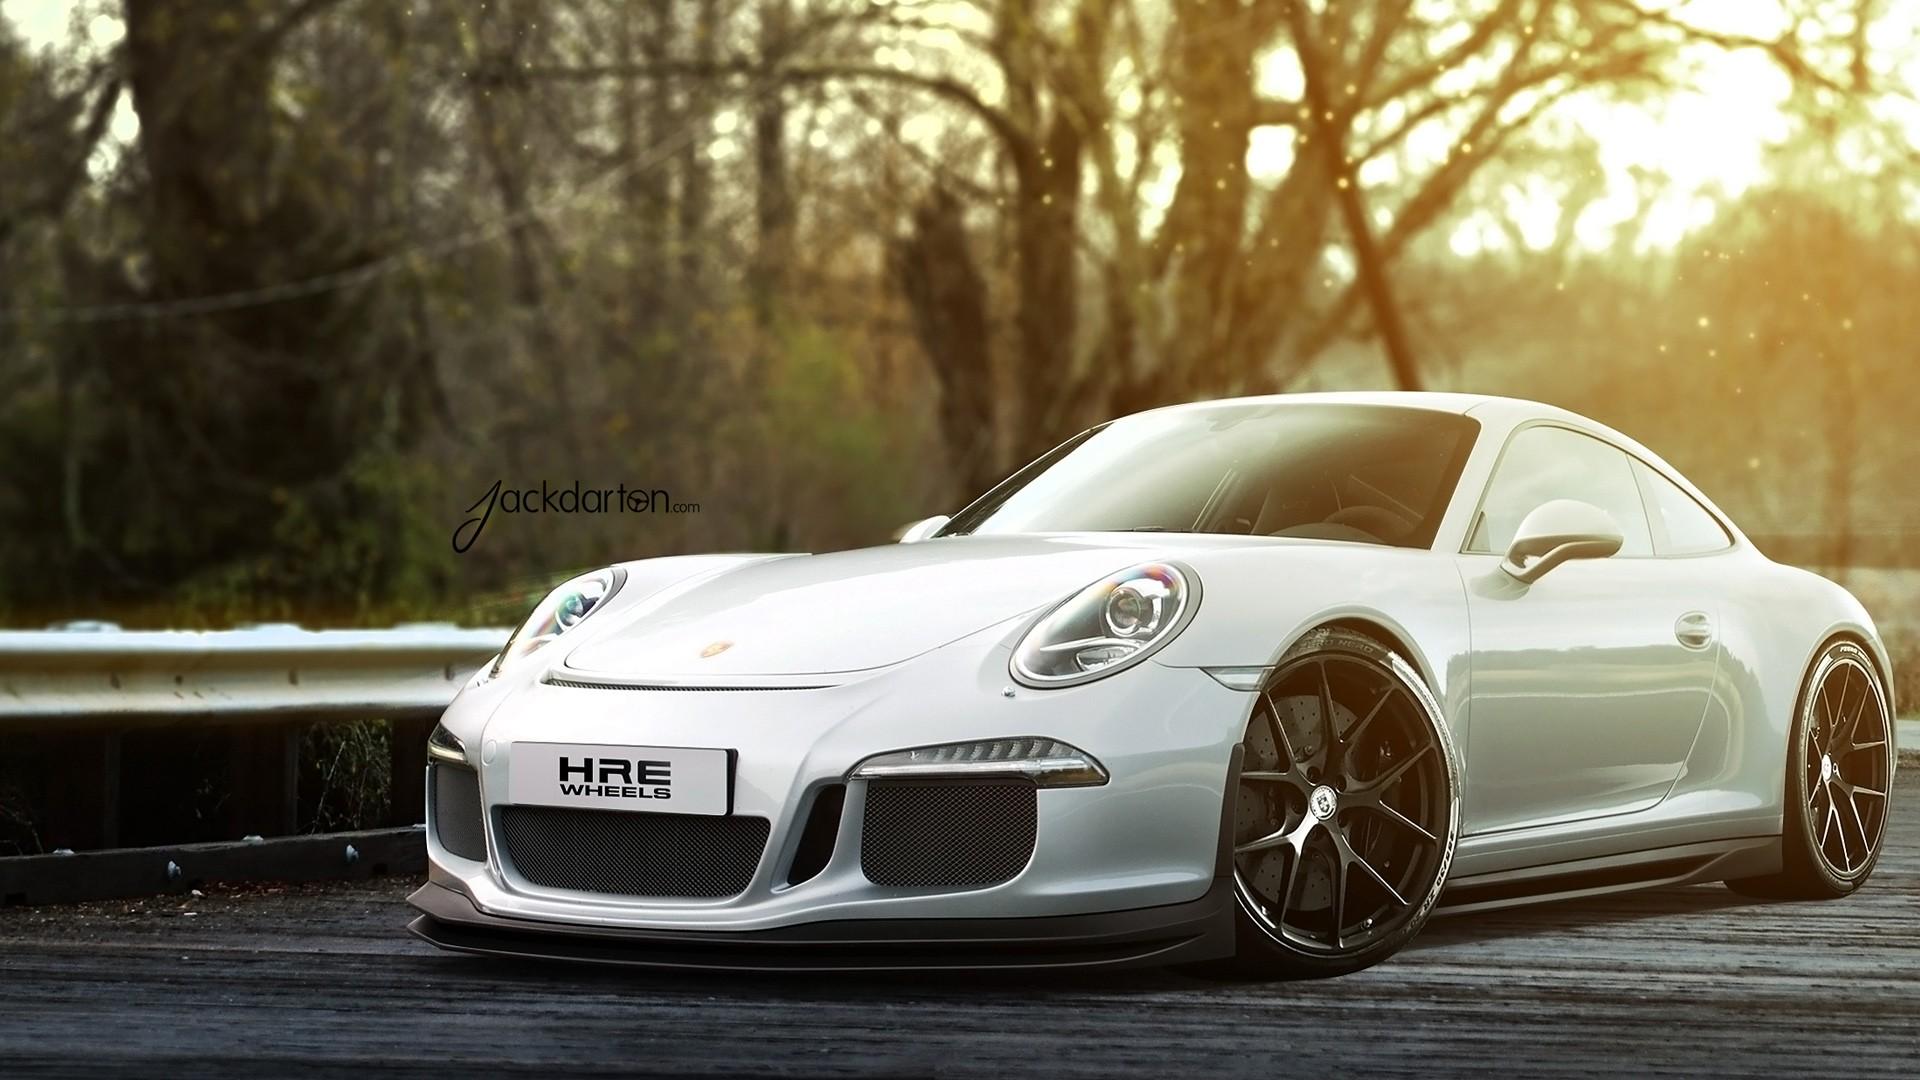 1080p Porsche 911 Gt3 1920x1080 Download Hd Wallpaper Wallpapertip